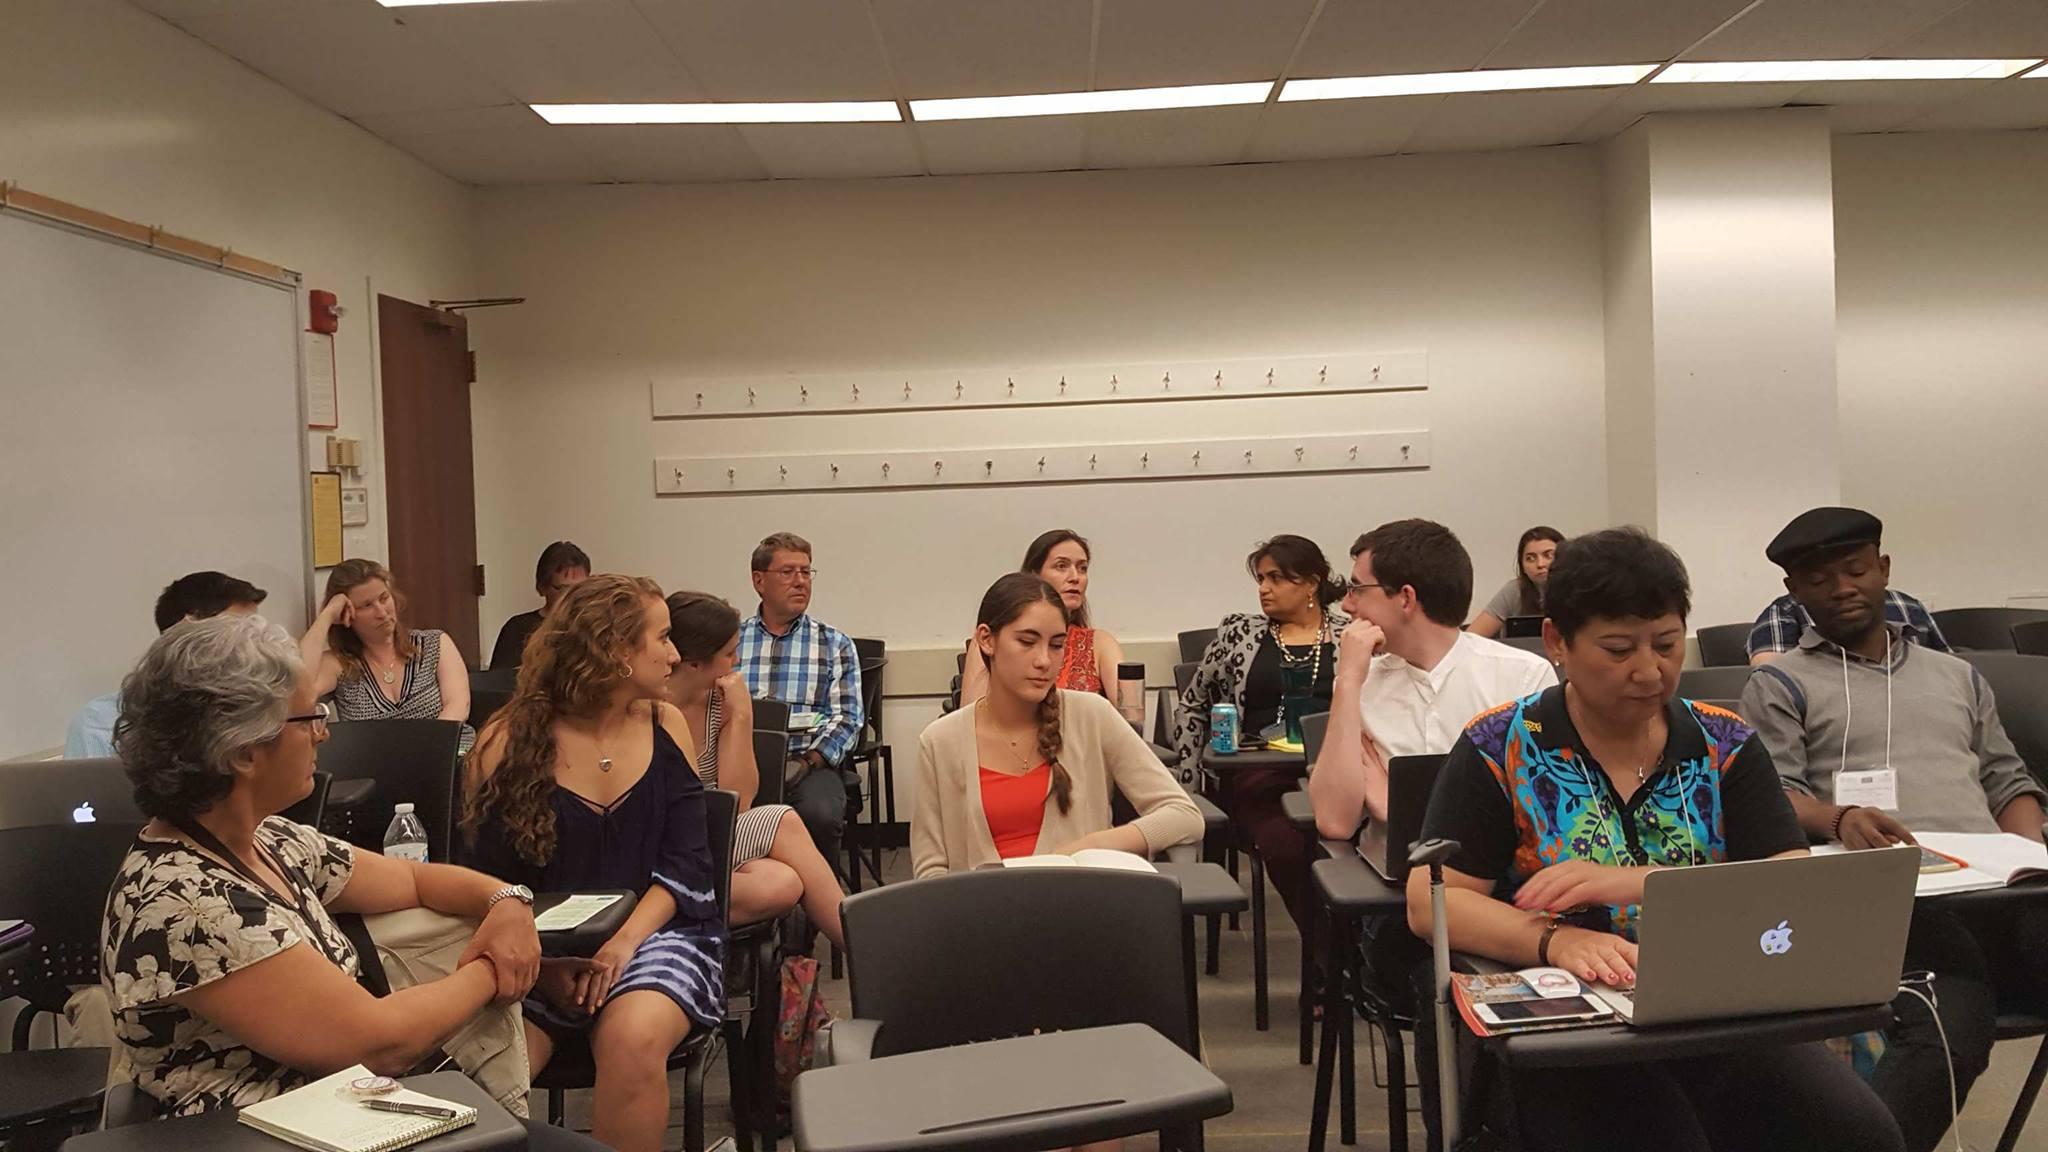 Participants discussing case studies